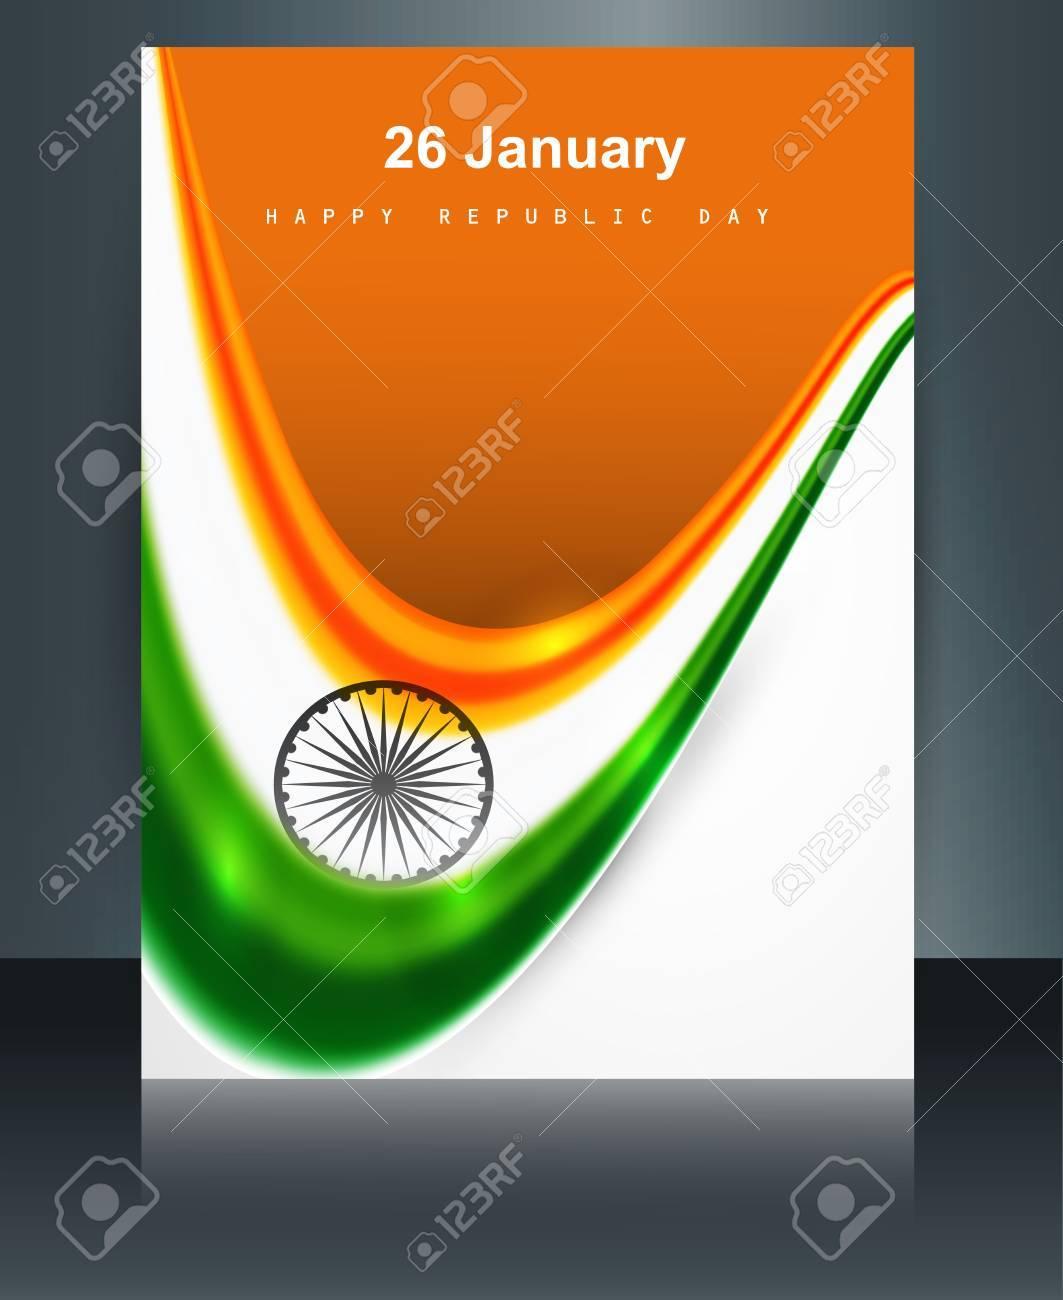 Bandera De La India Folleto Onda Colorida Ilustración Vectorial ...